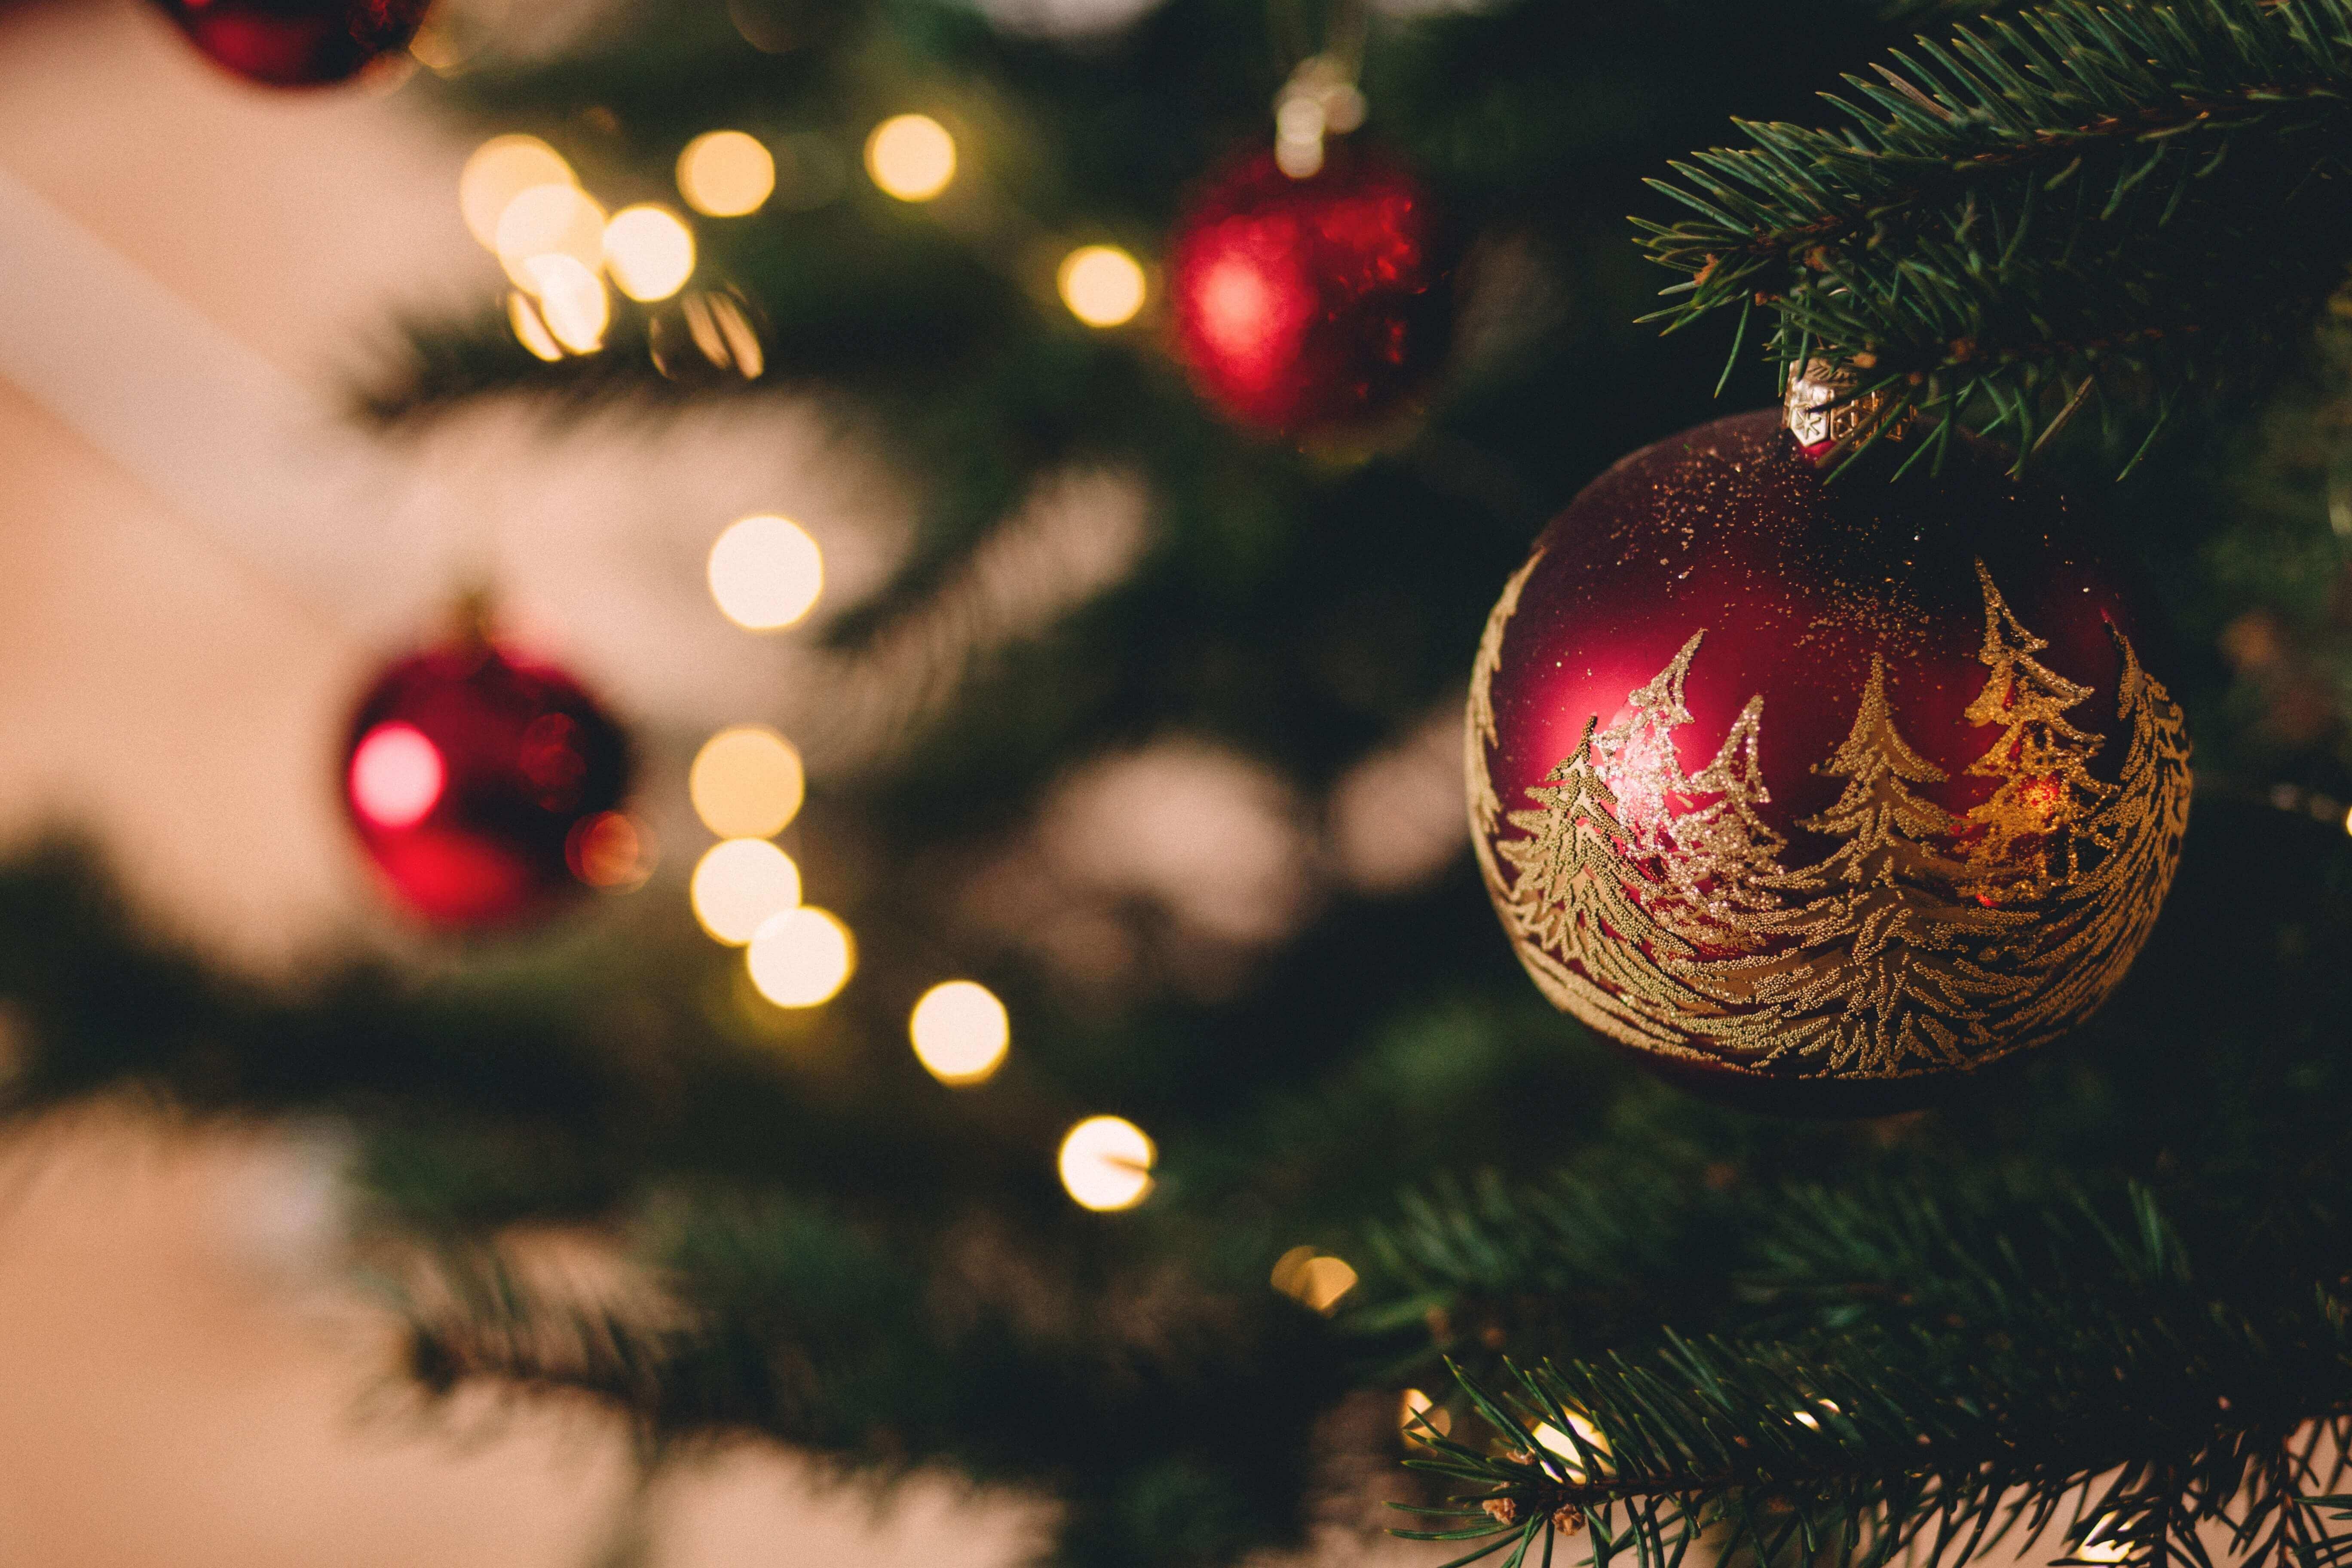 Wir von kajado freuen uns schon sehr auf die Weihnachtszeit.